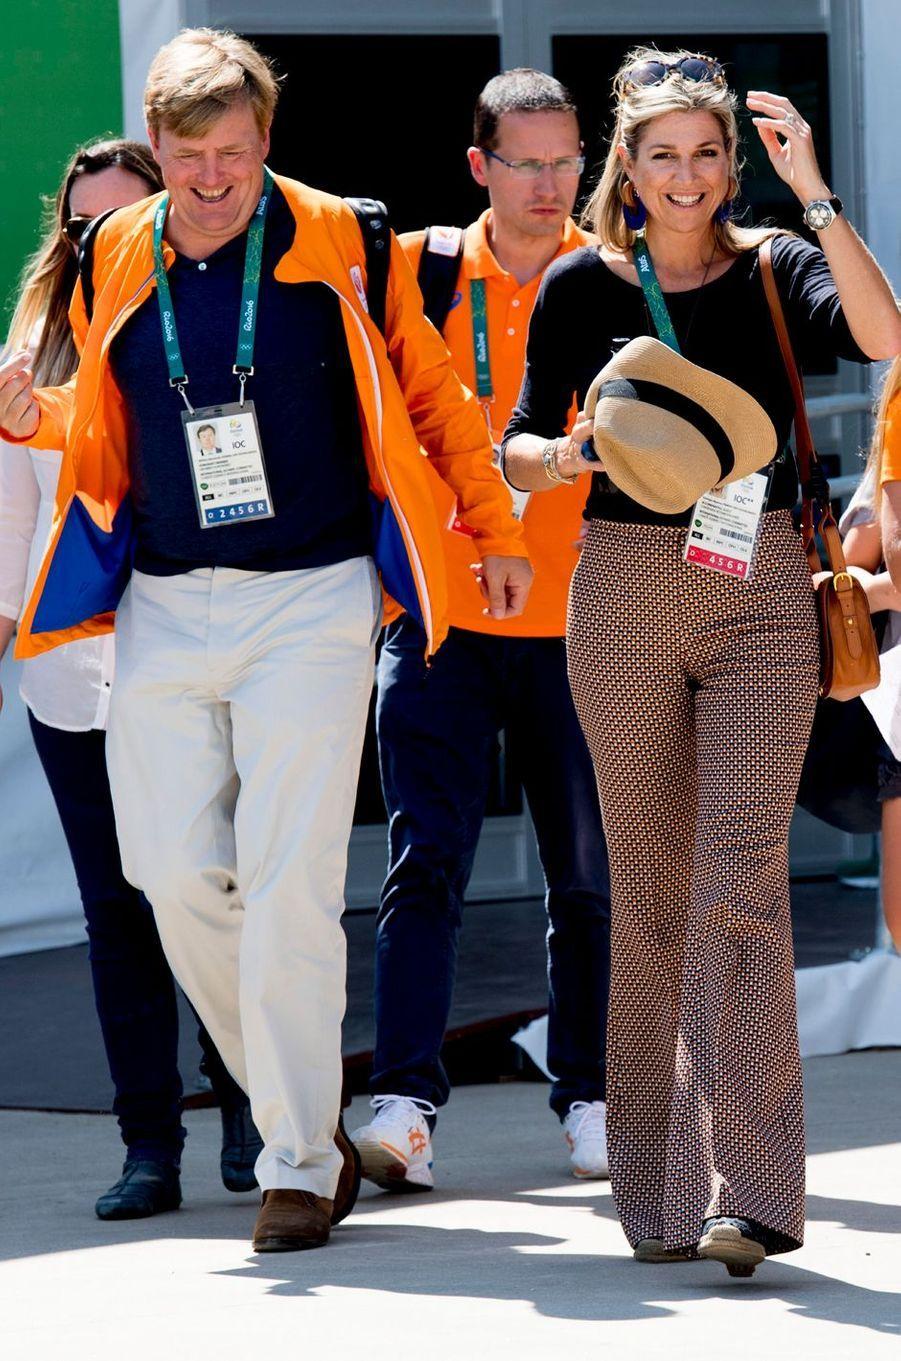 La reine Maxima des Pays-Bas, avec le roi Willem-Alexander, aux JO de Rio, le 17 août 2016